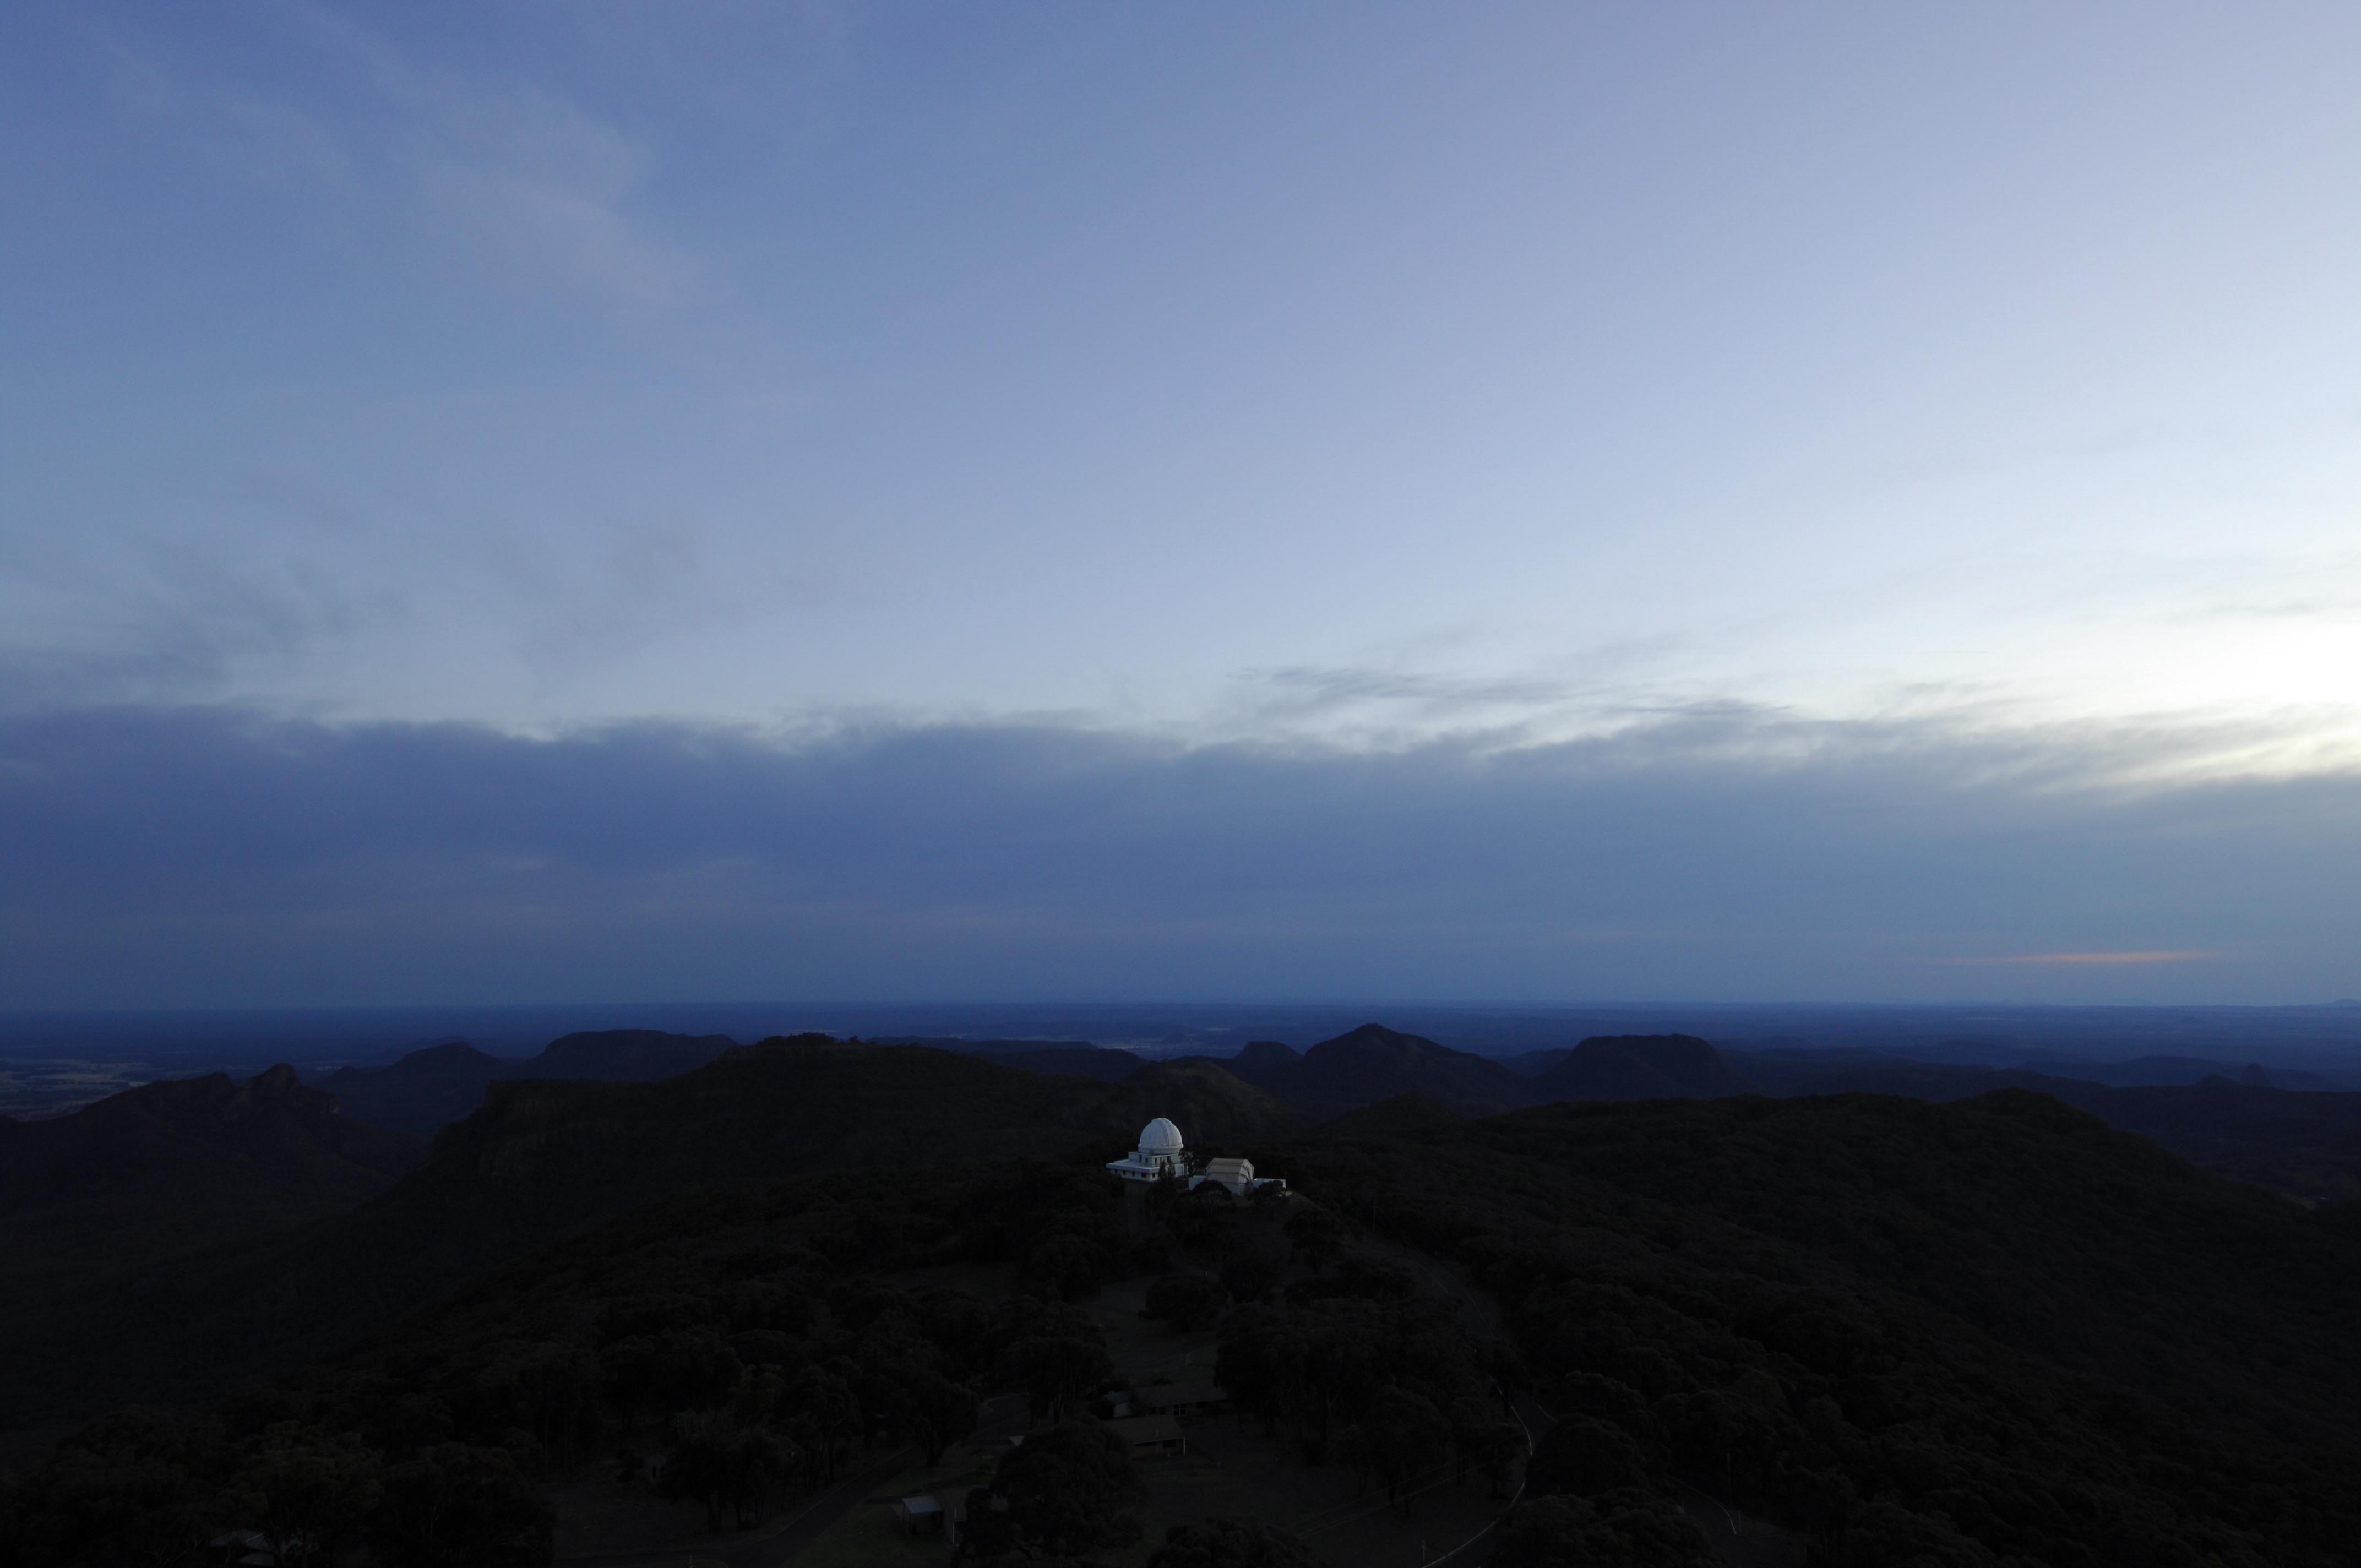 Siding Spring Observatory at dusk